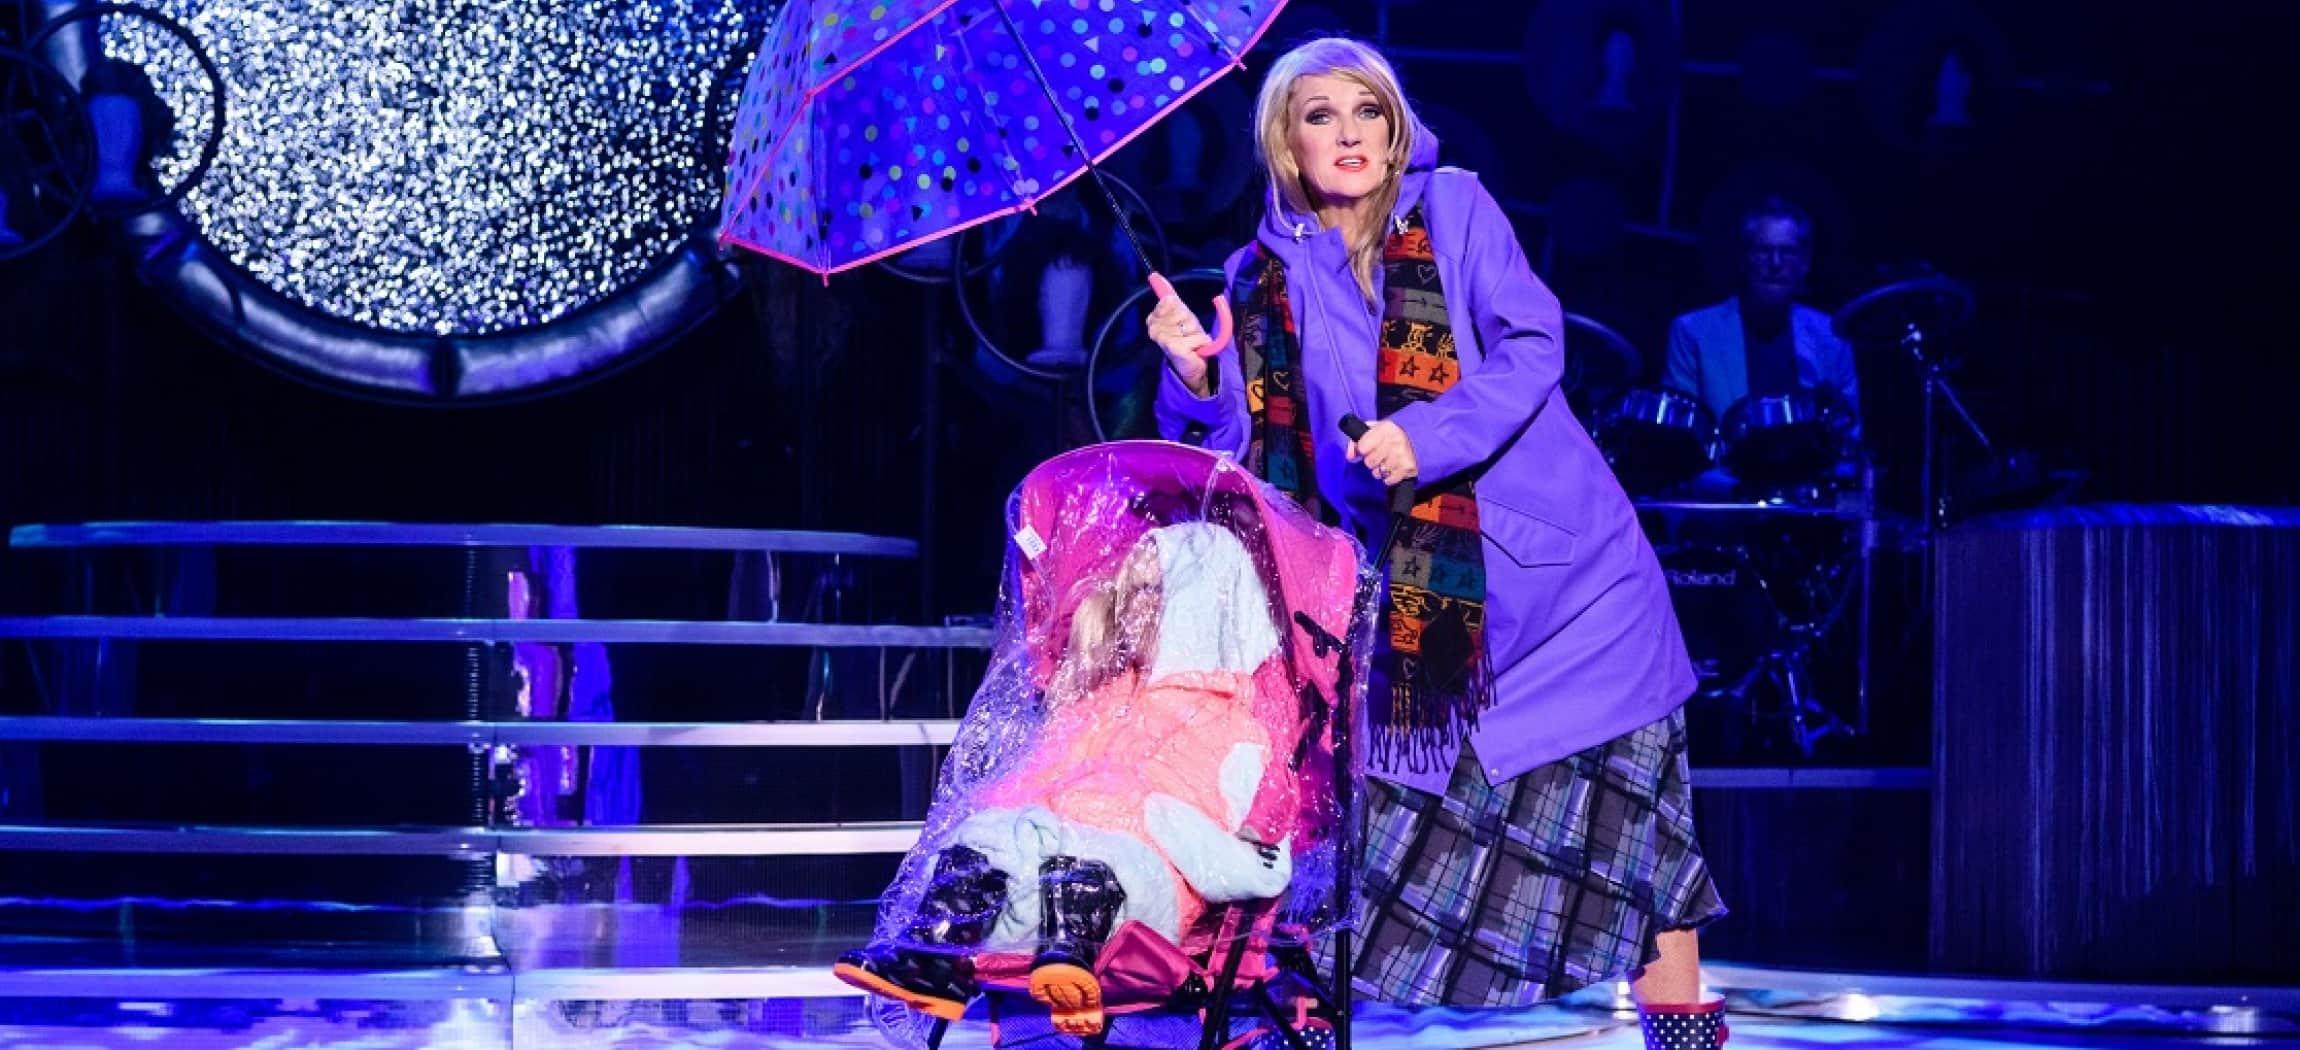 Optreden cabaret Tineke Schouten in paarse kleuren